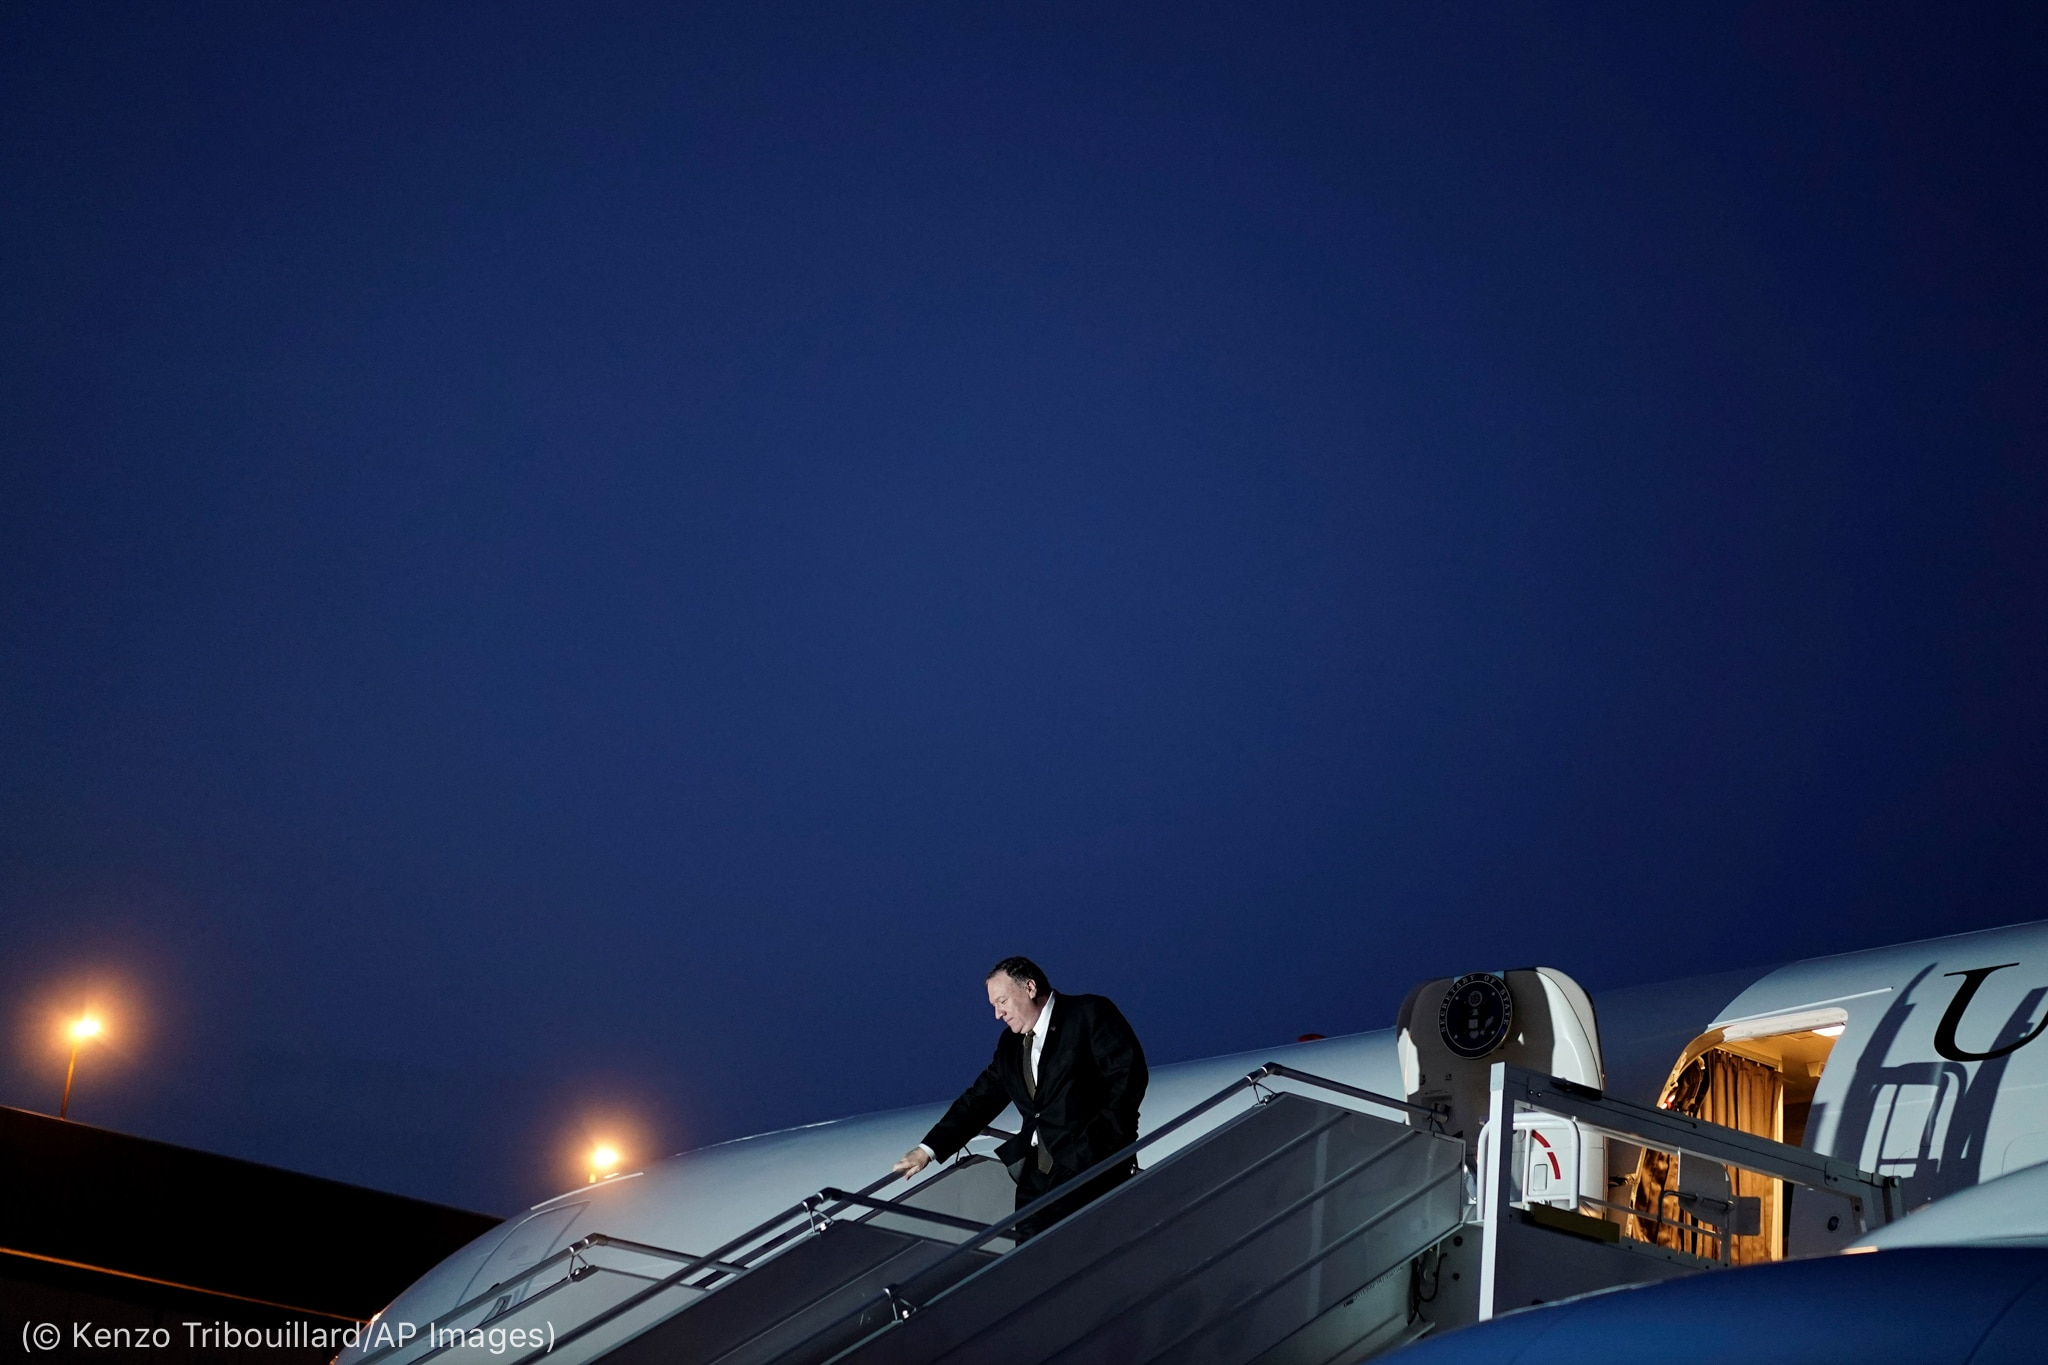 Secretário Pompeo desembarcando de avião (© Kenzo Tribouillard/AP Images)